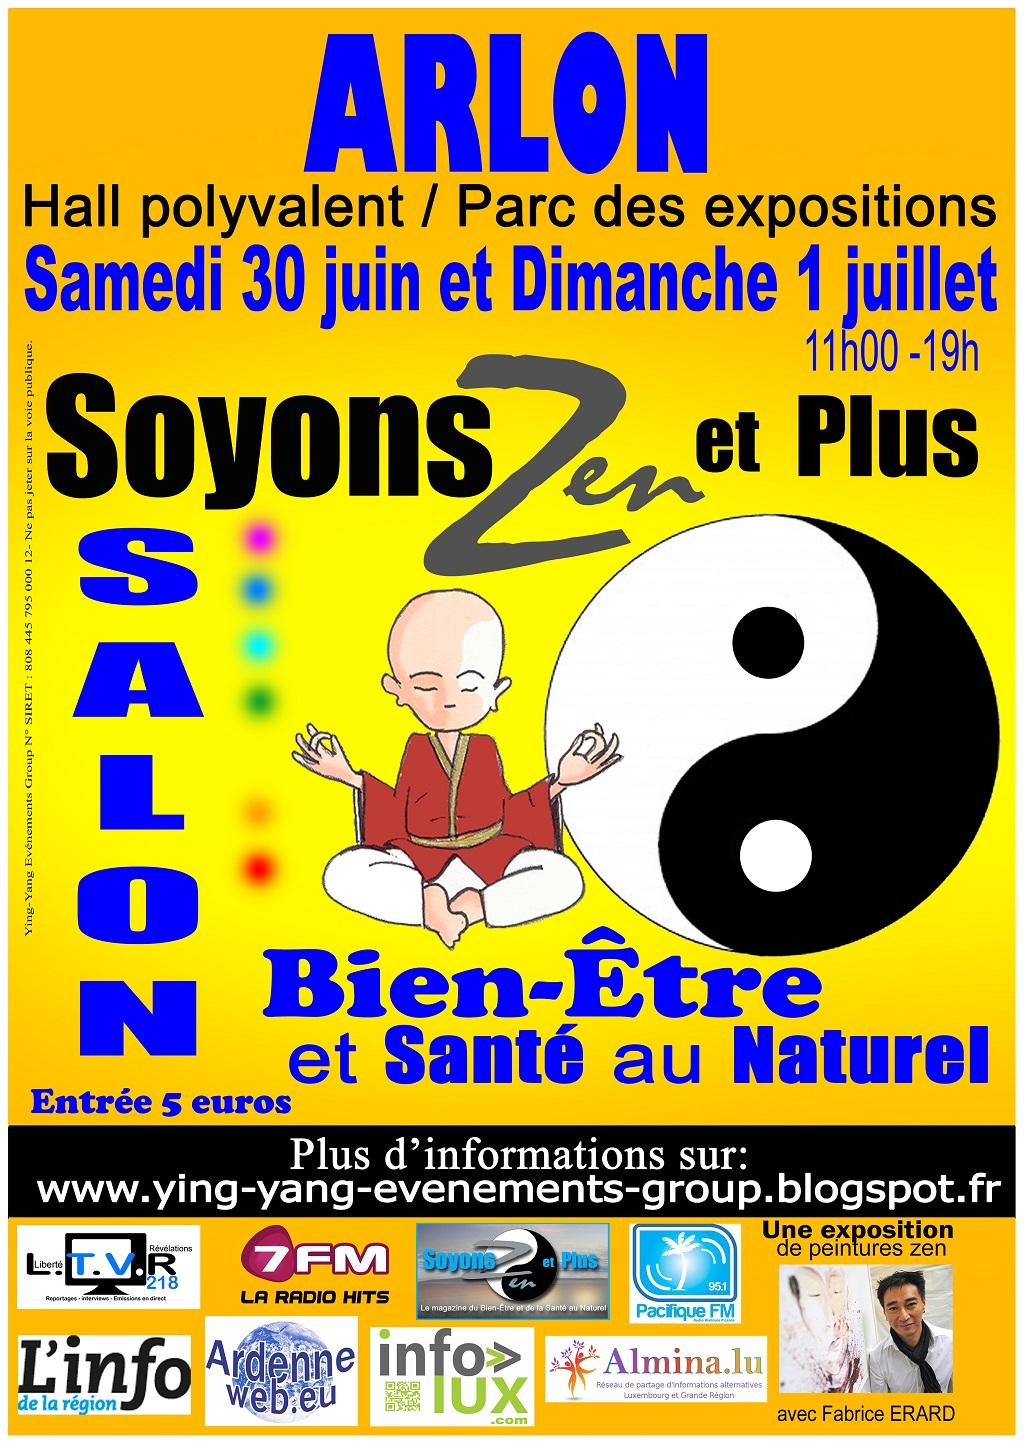 Salon du Bien Etreet de laSanté au Naturel à Arlon